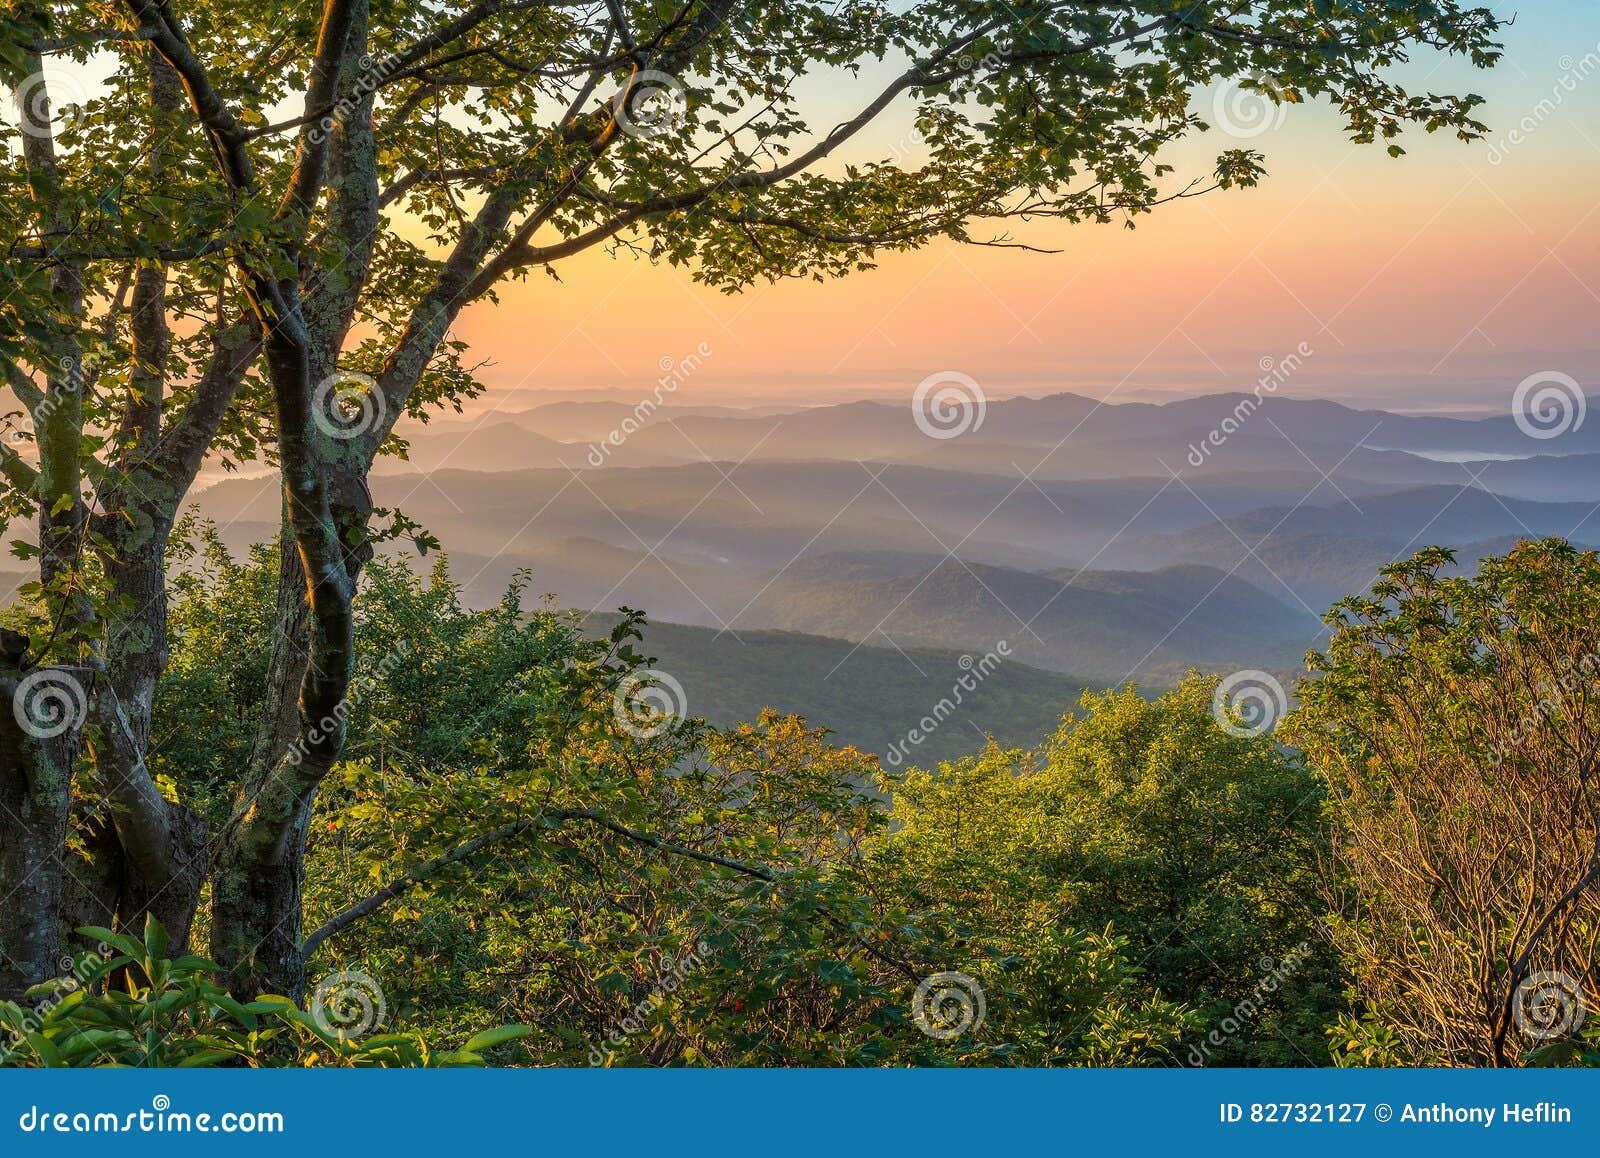 蓝岭山脉,风景日出